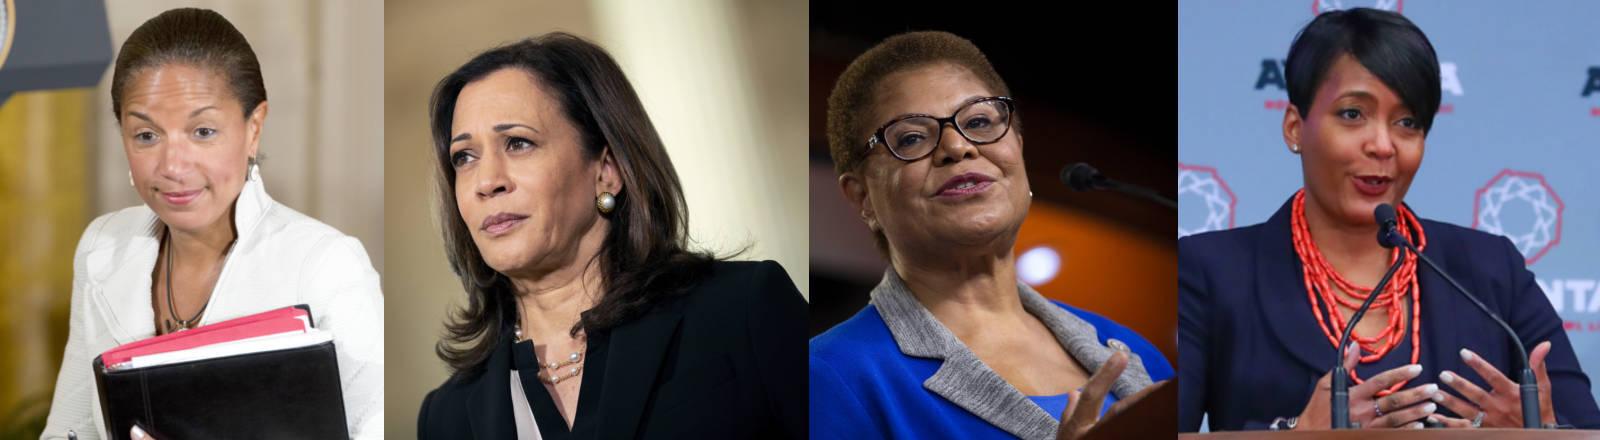 Die US-Politikerinnen Susan Rice, Kamala Harris, Karen Bass und Keisha Lance Bottoms